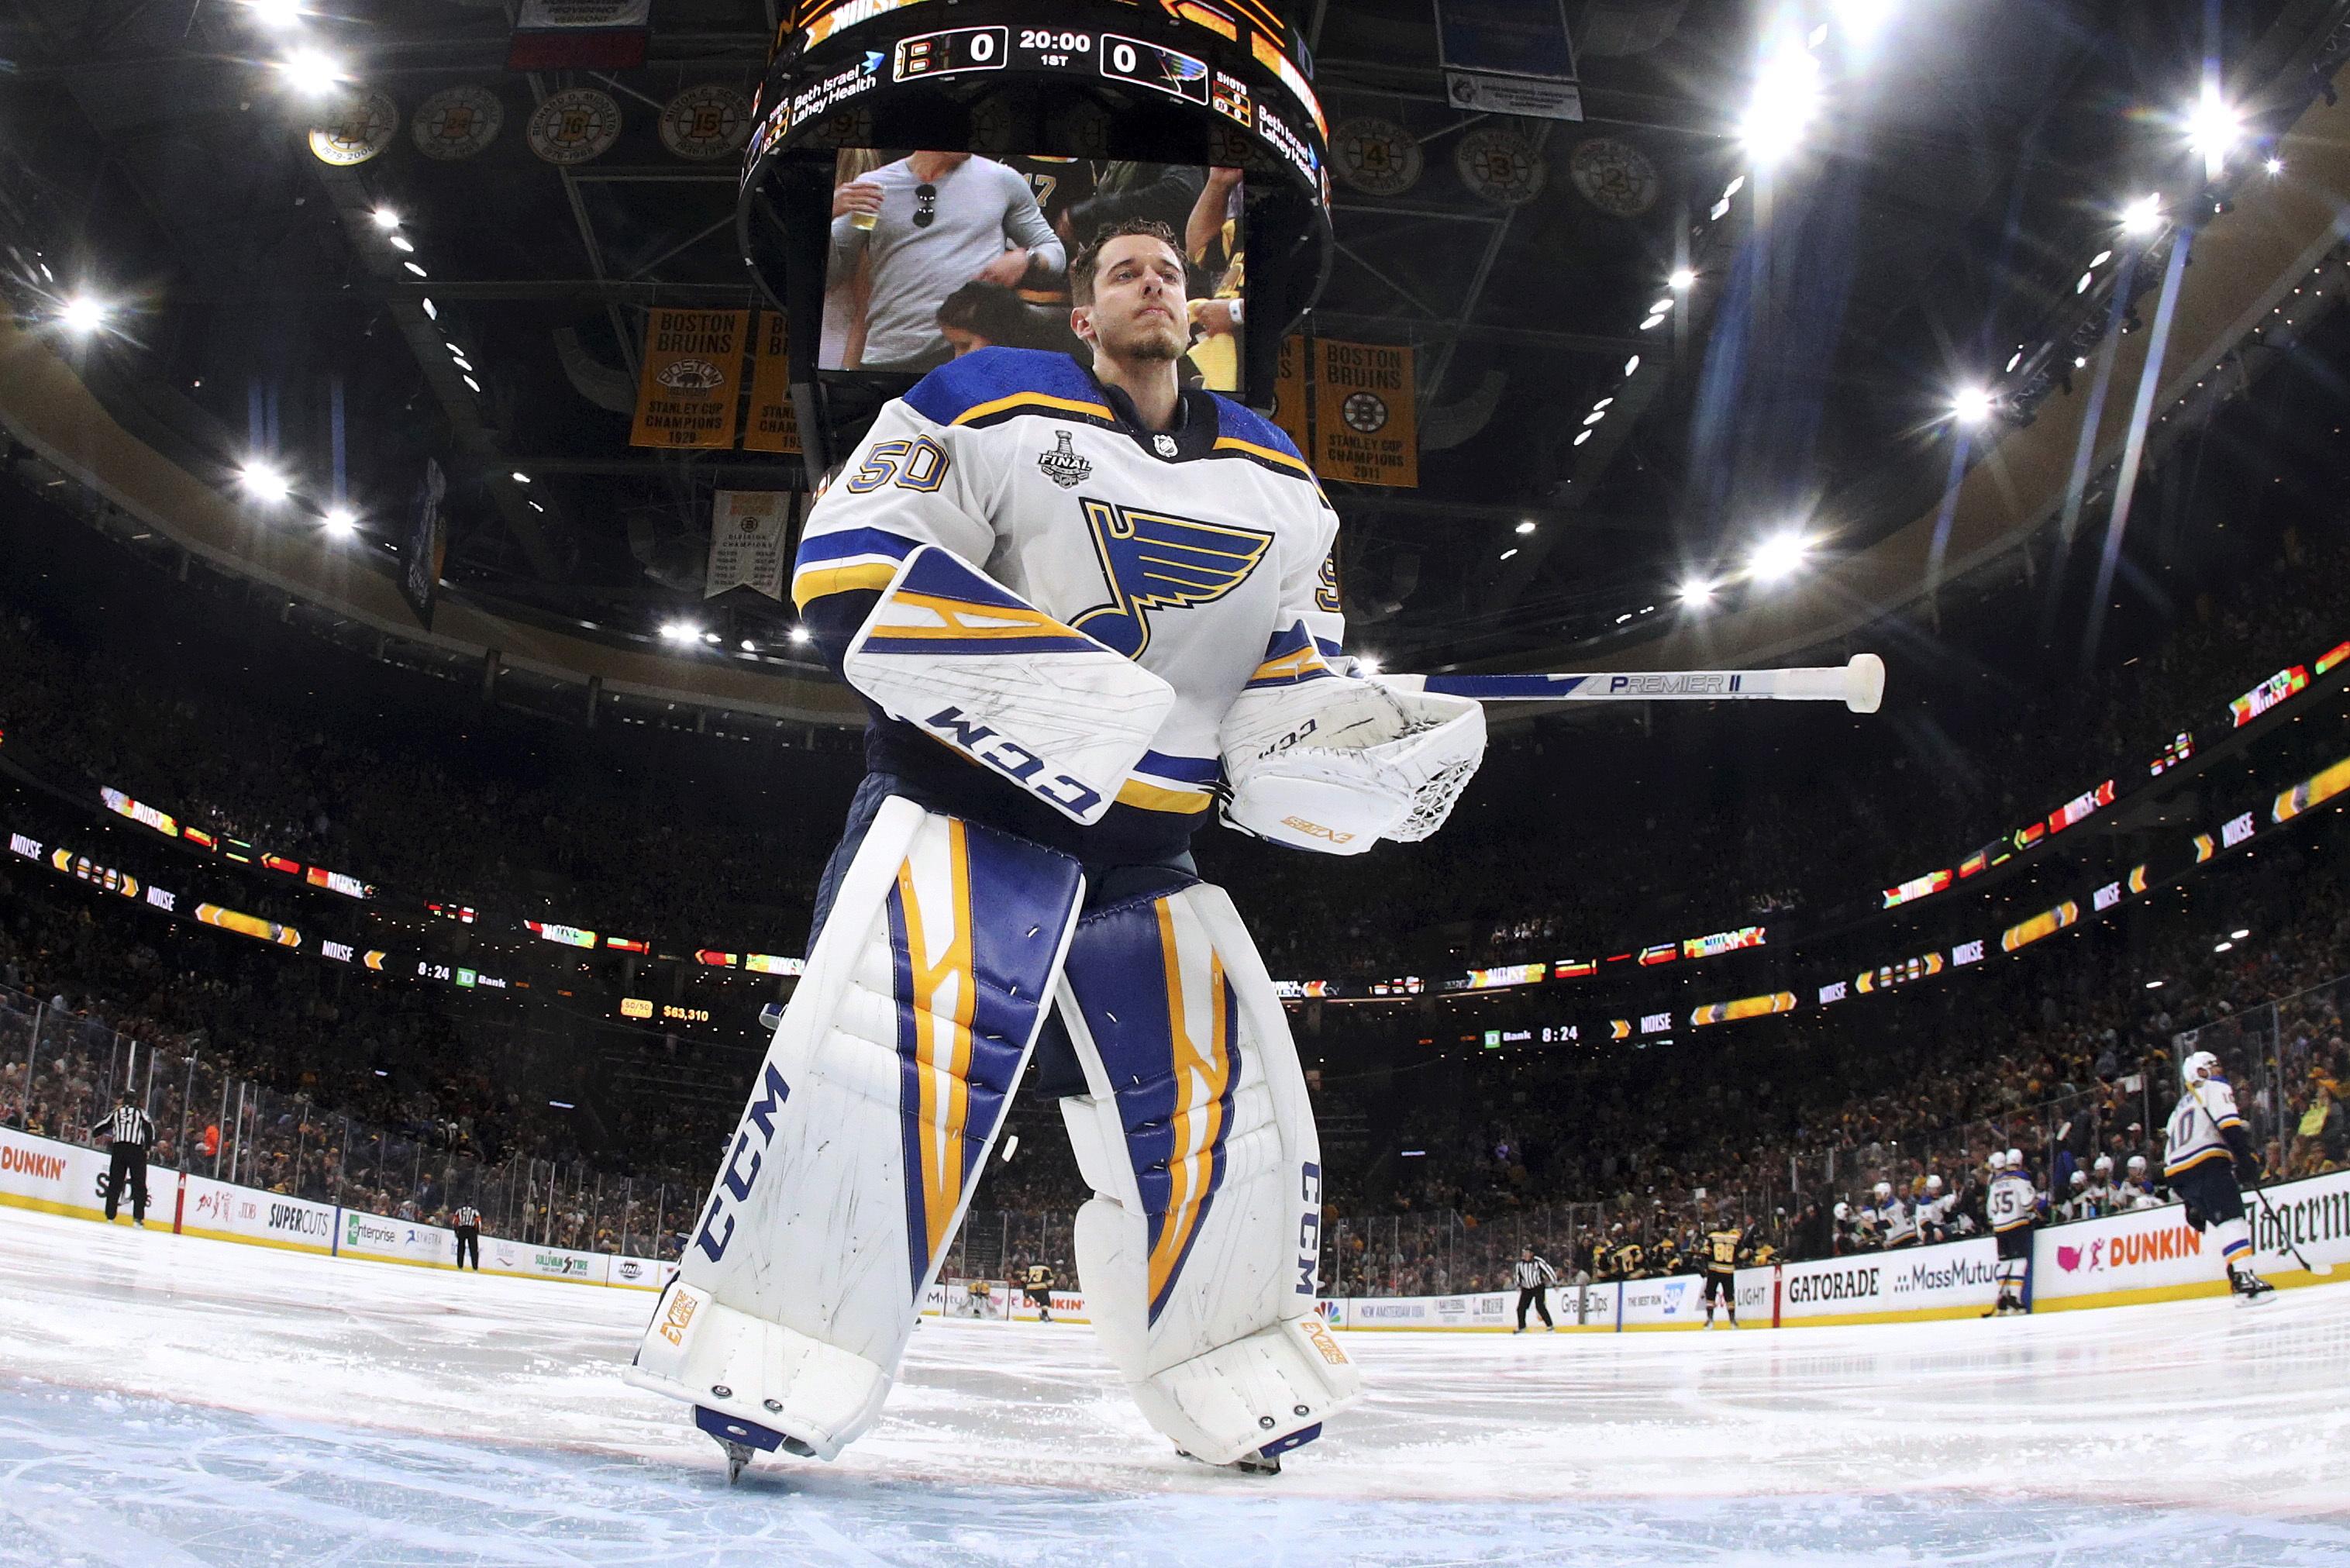 Bruins vs  Blues: Game 6 Live Stream, NBC TV Schedule, Odds